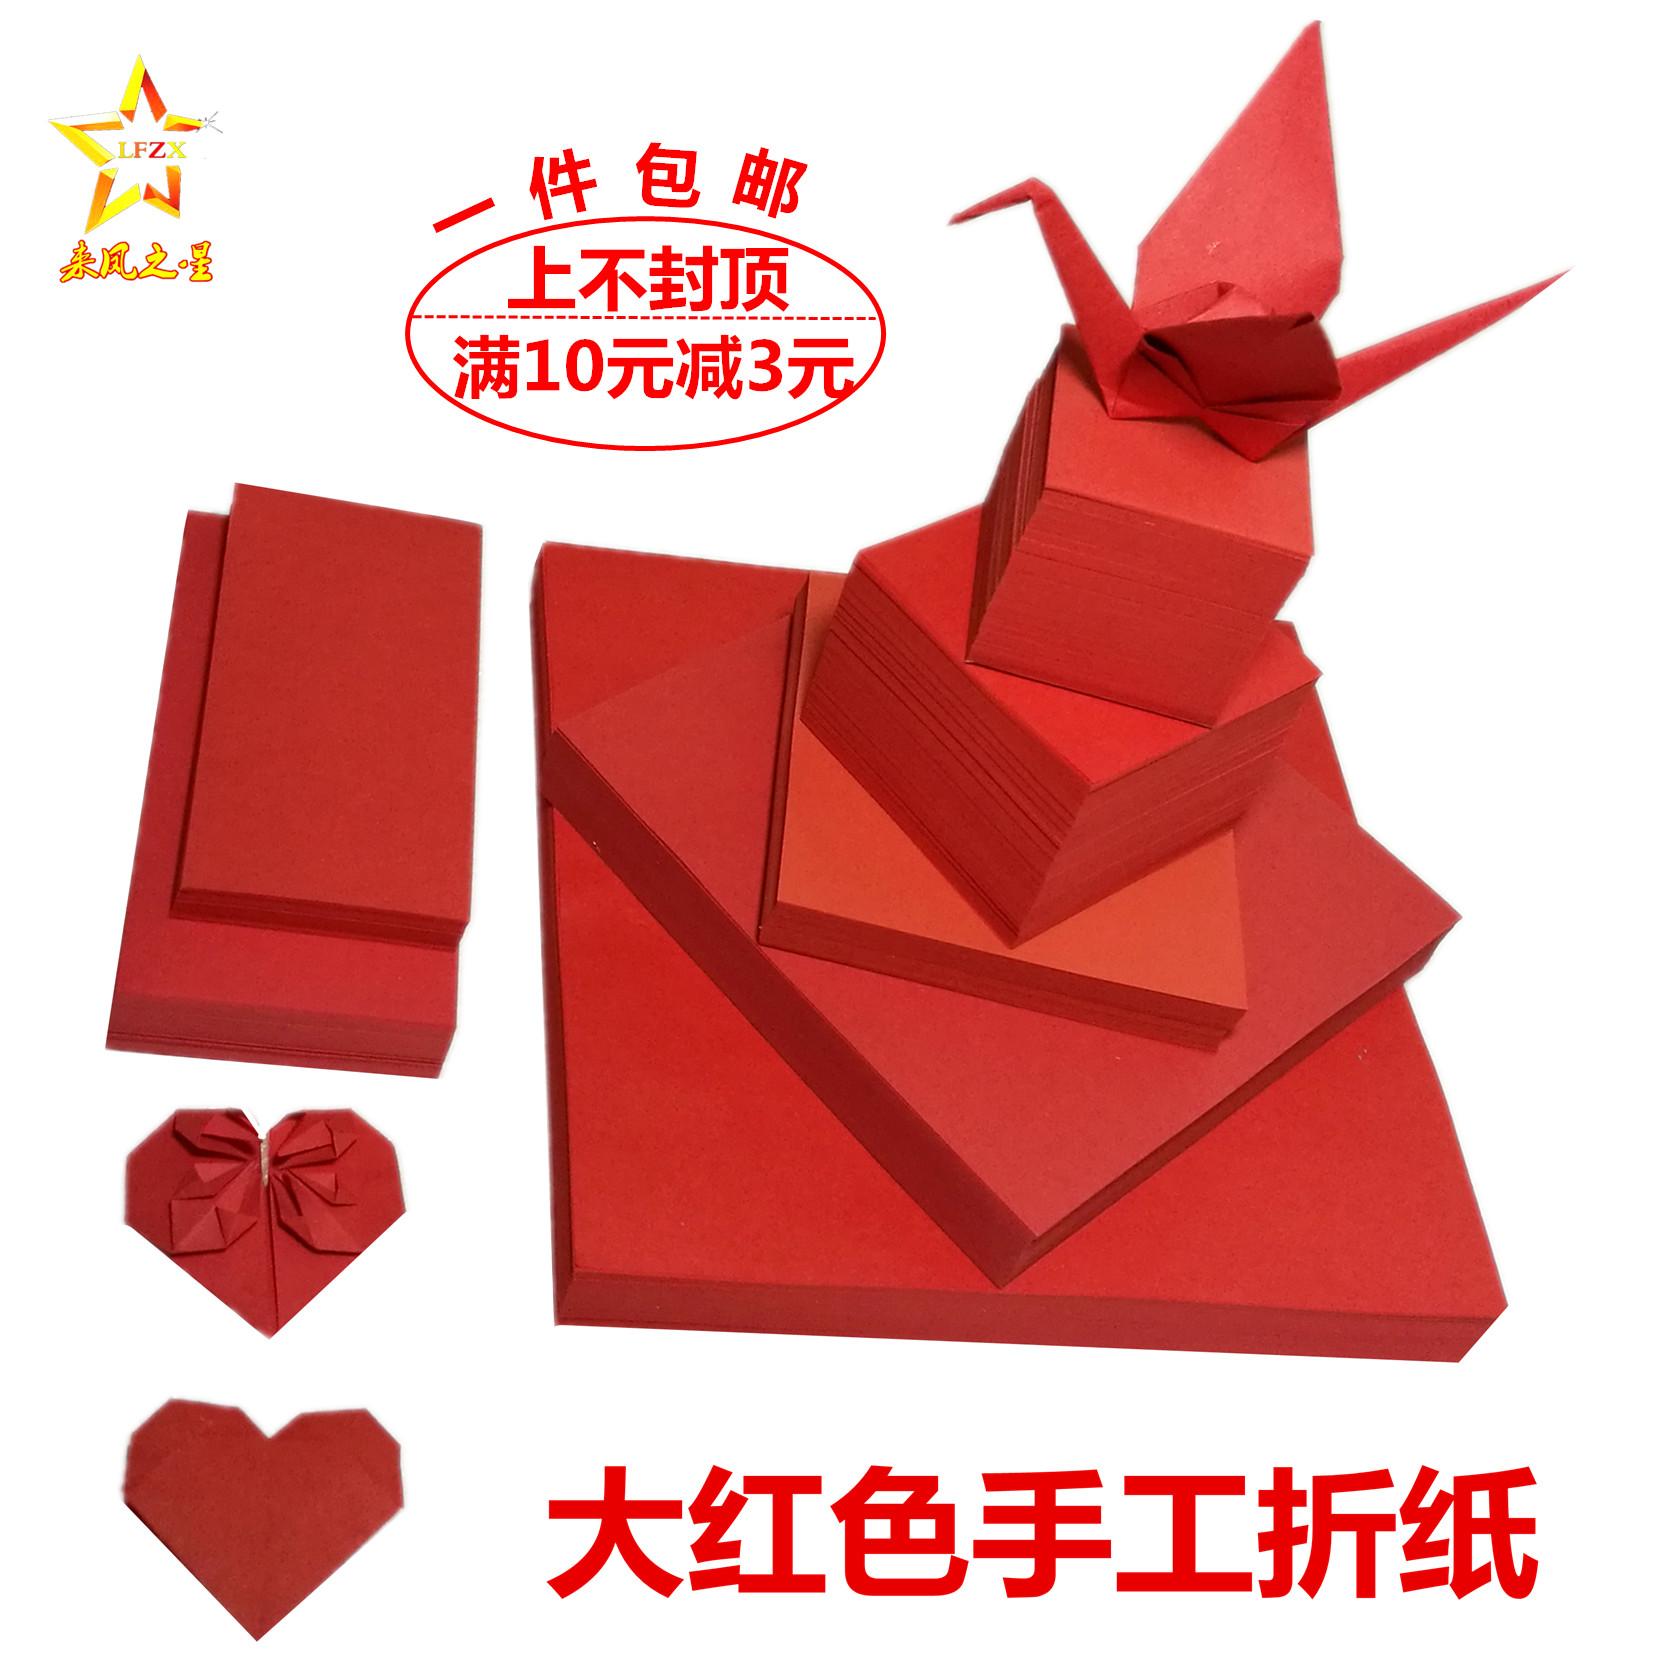 正方形大红色折千纸鹤爱心儿童手工折纸白底红纸彩纸卡纸剪纸包邮